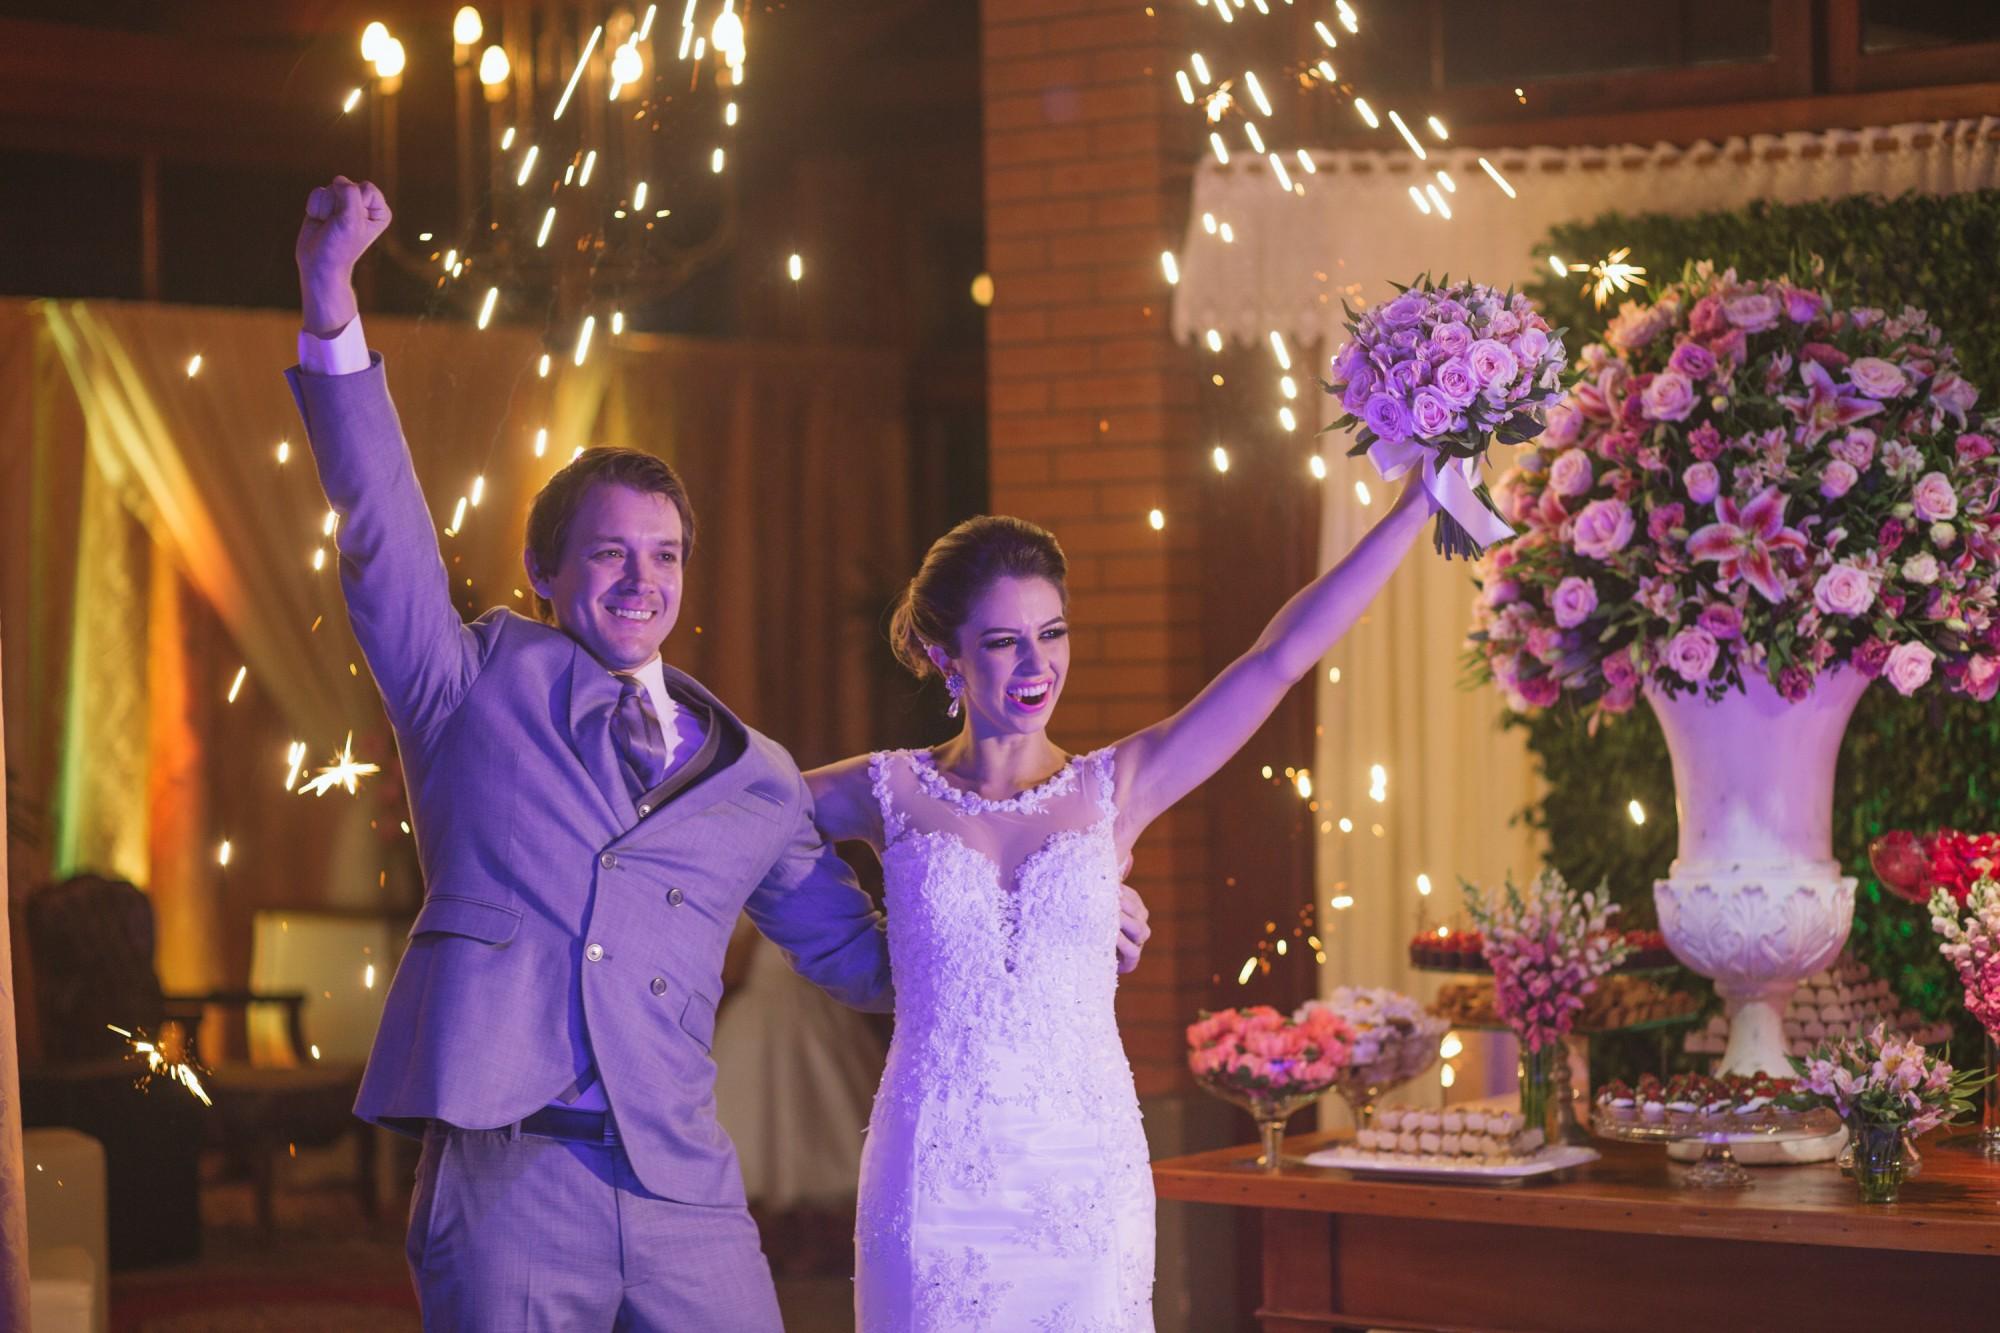 Maiara Kuki e Ricardo - Casamento em Palotina - PR por Lorran Souza e Léia Sotile - fotografo de casamentos00019